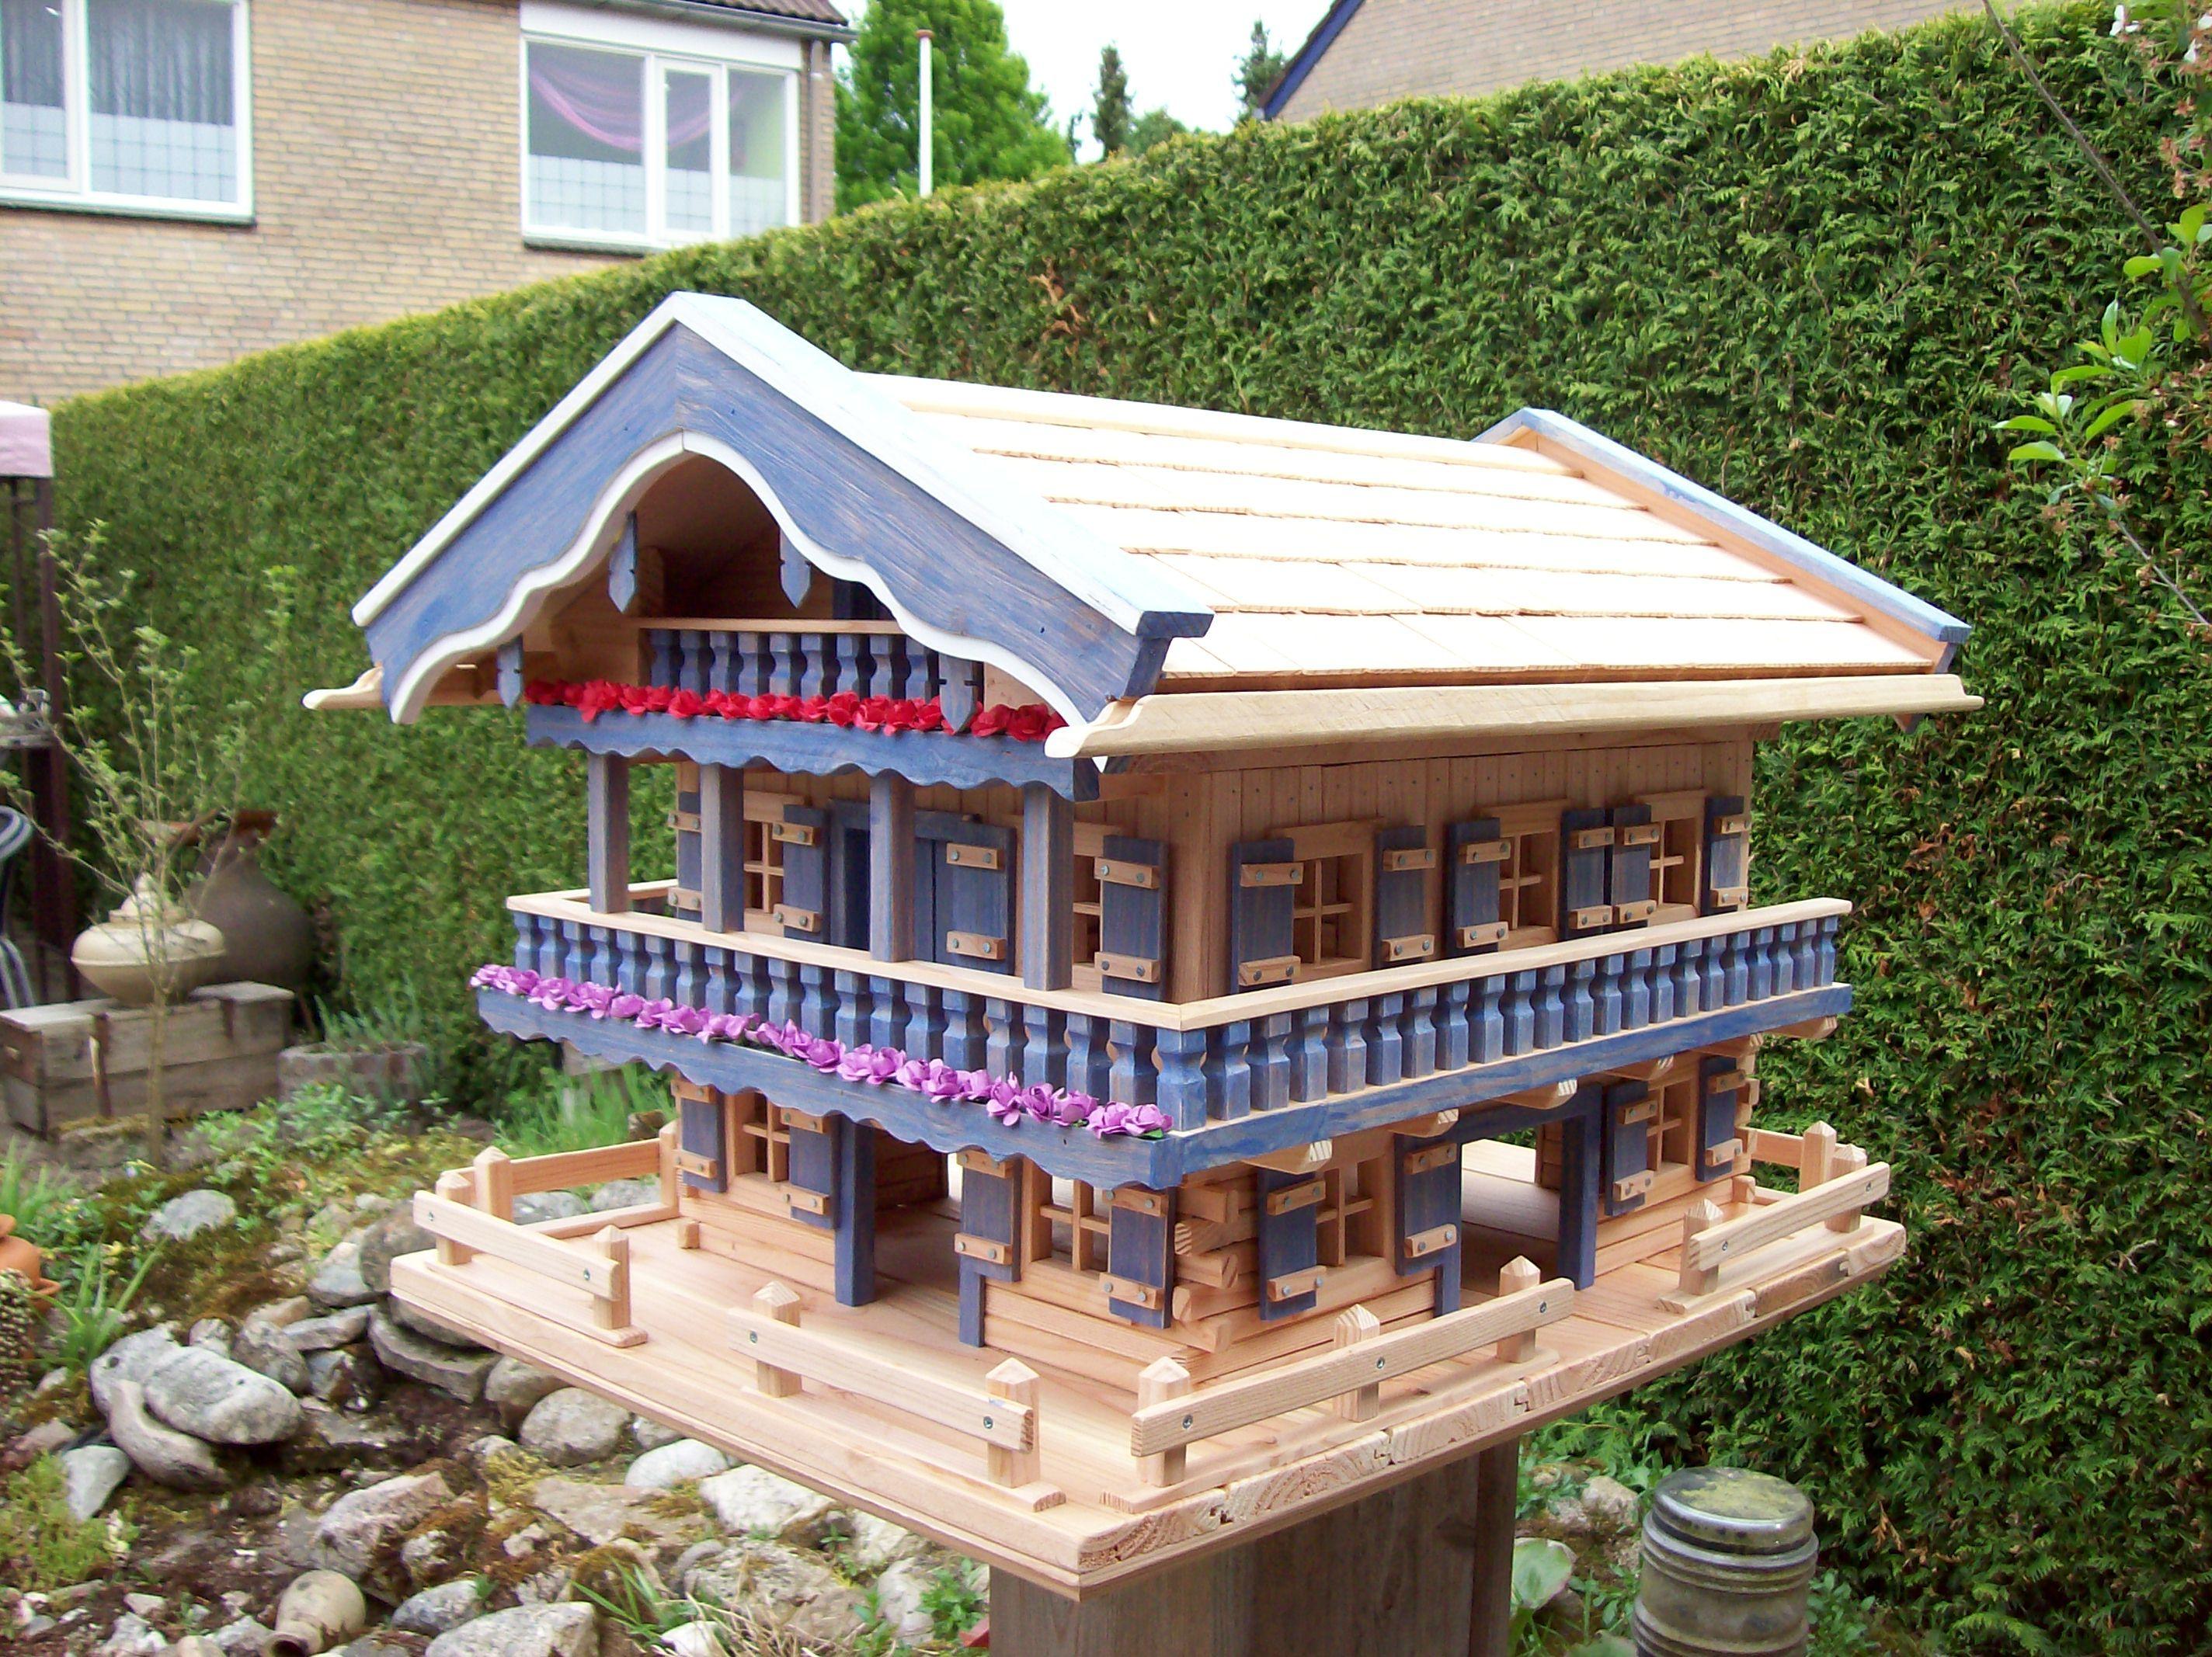 futtervogelhaus bauanleitung zum selber bauen | heimwerker-forum